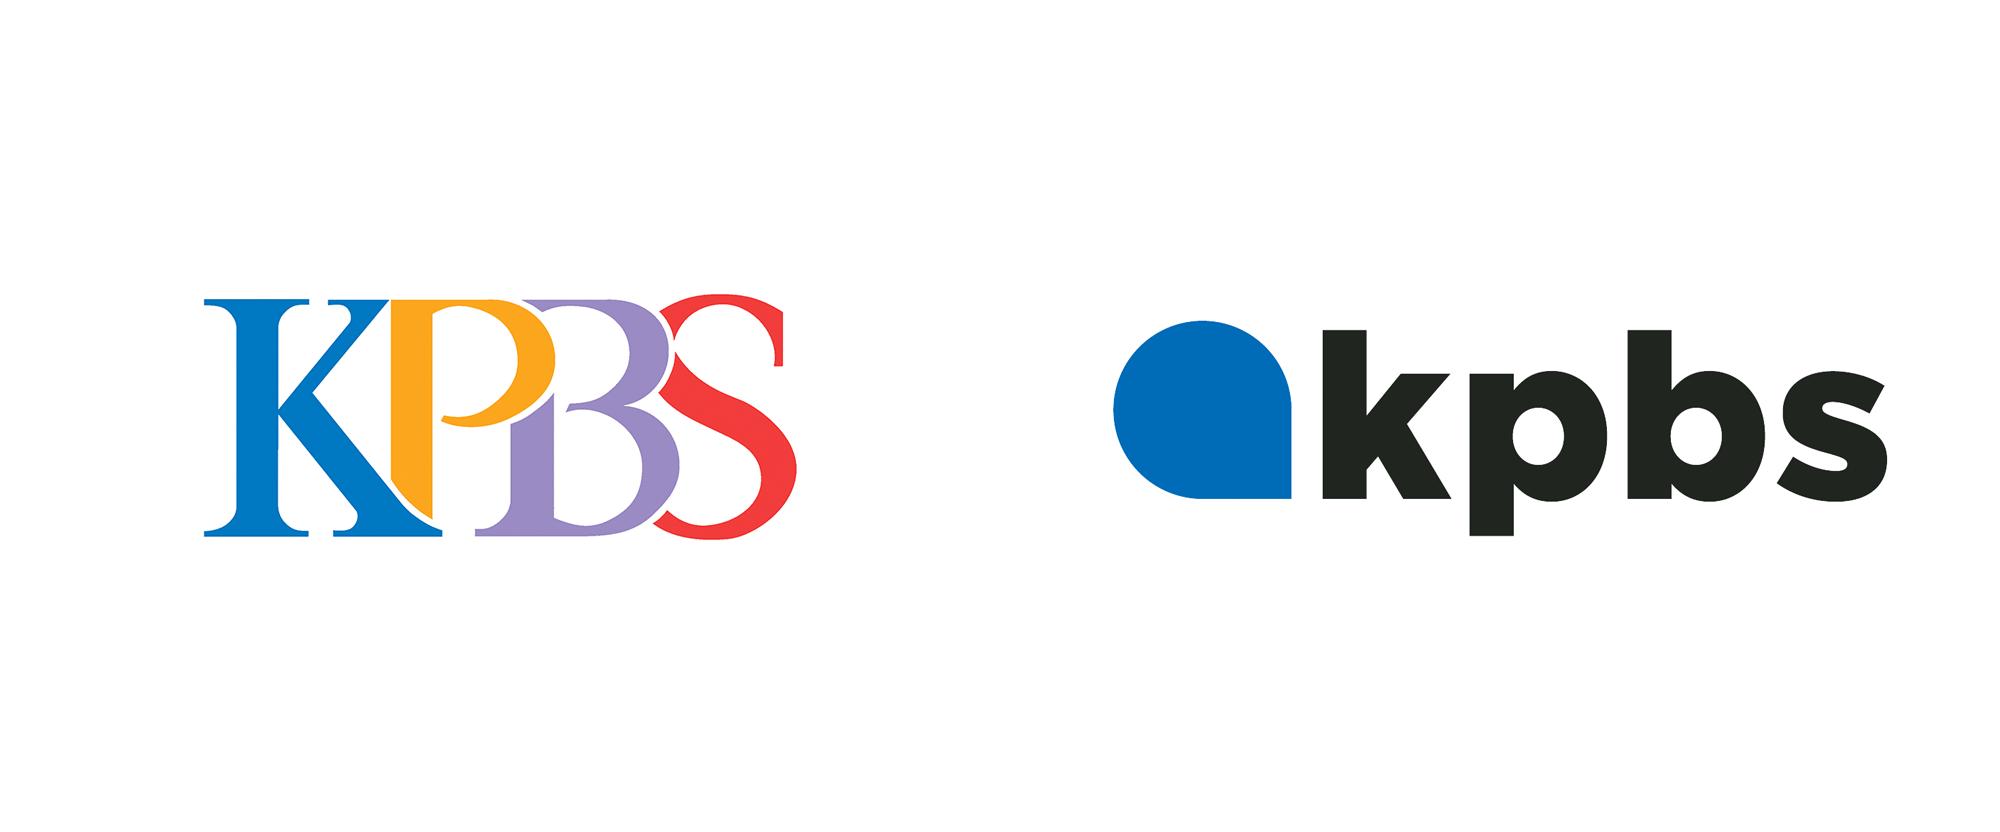 New Logo for KBPS